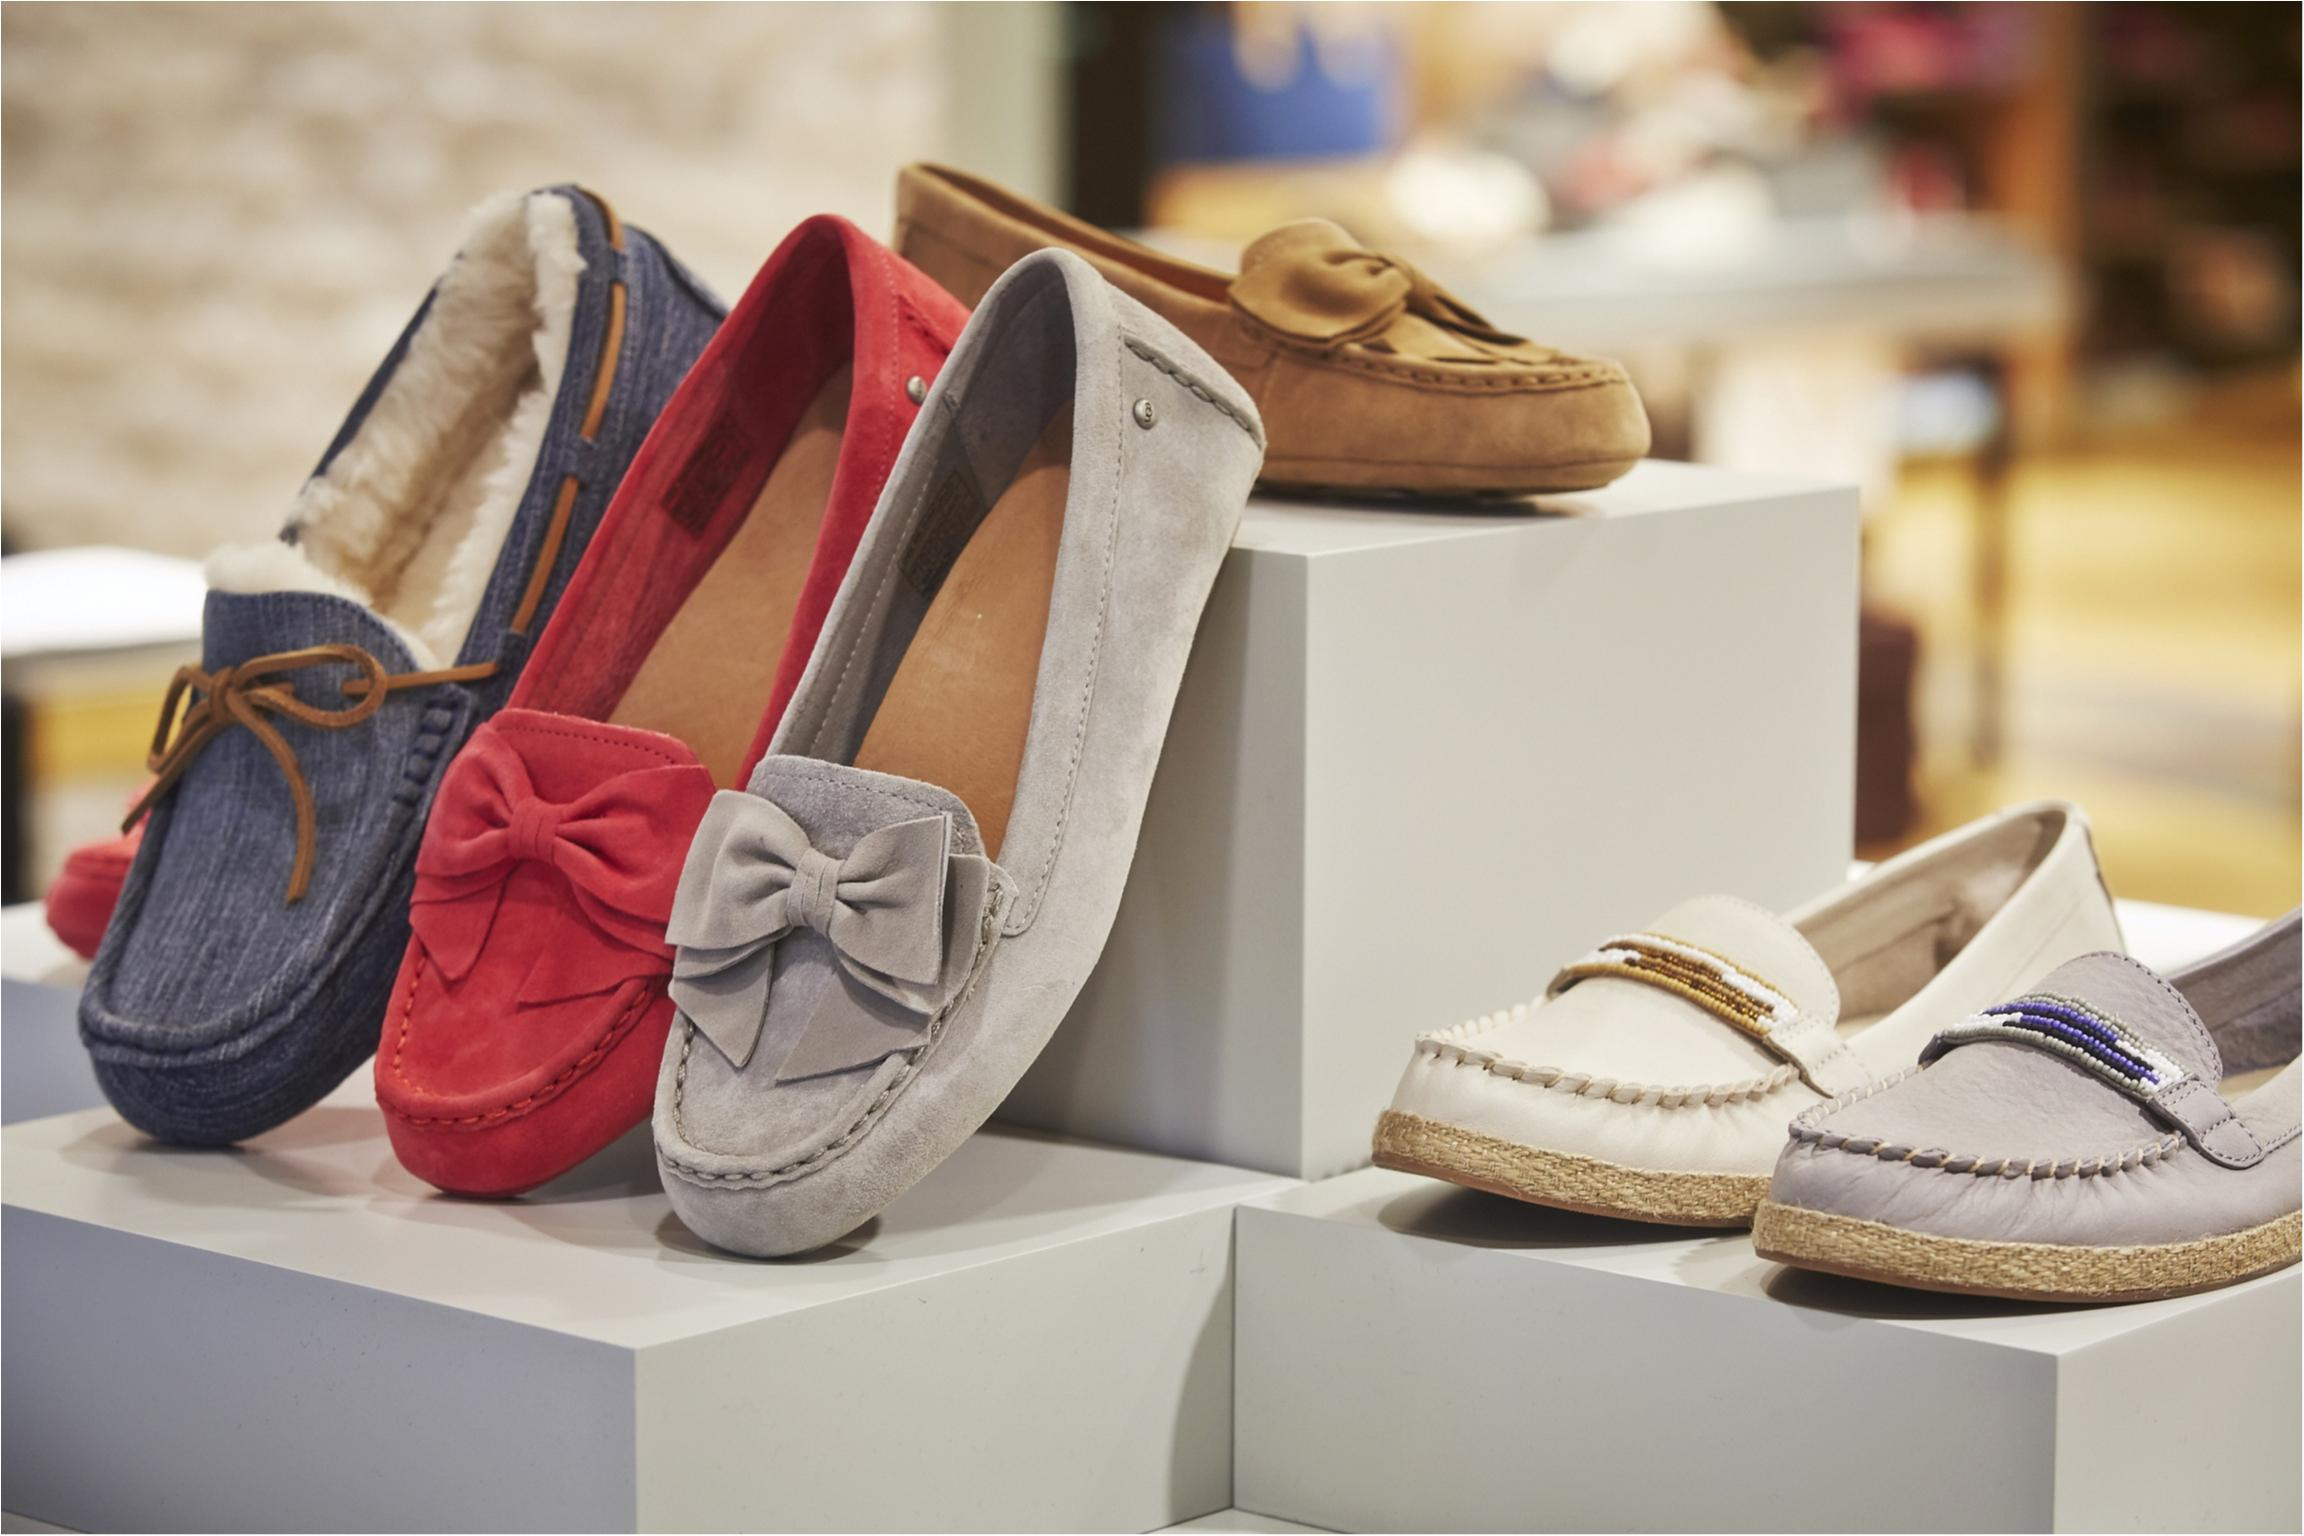 「UGG®の春夏シューズに、こんなにいろんな種類の靴があるなんて!  それぞれのデザインにカラーバリエーションが多いから、自分の好みが必ずあるのもツボです。